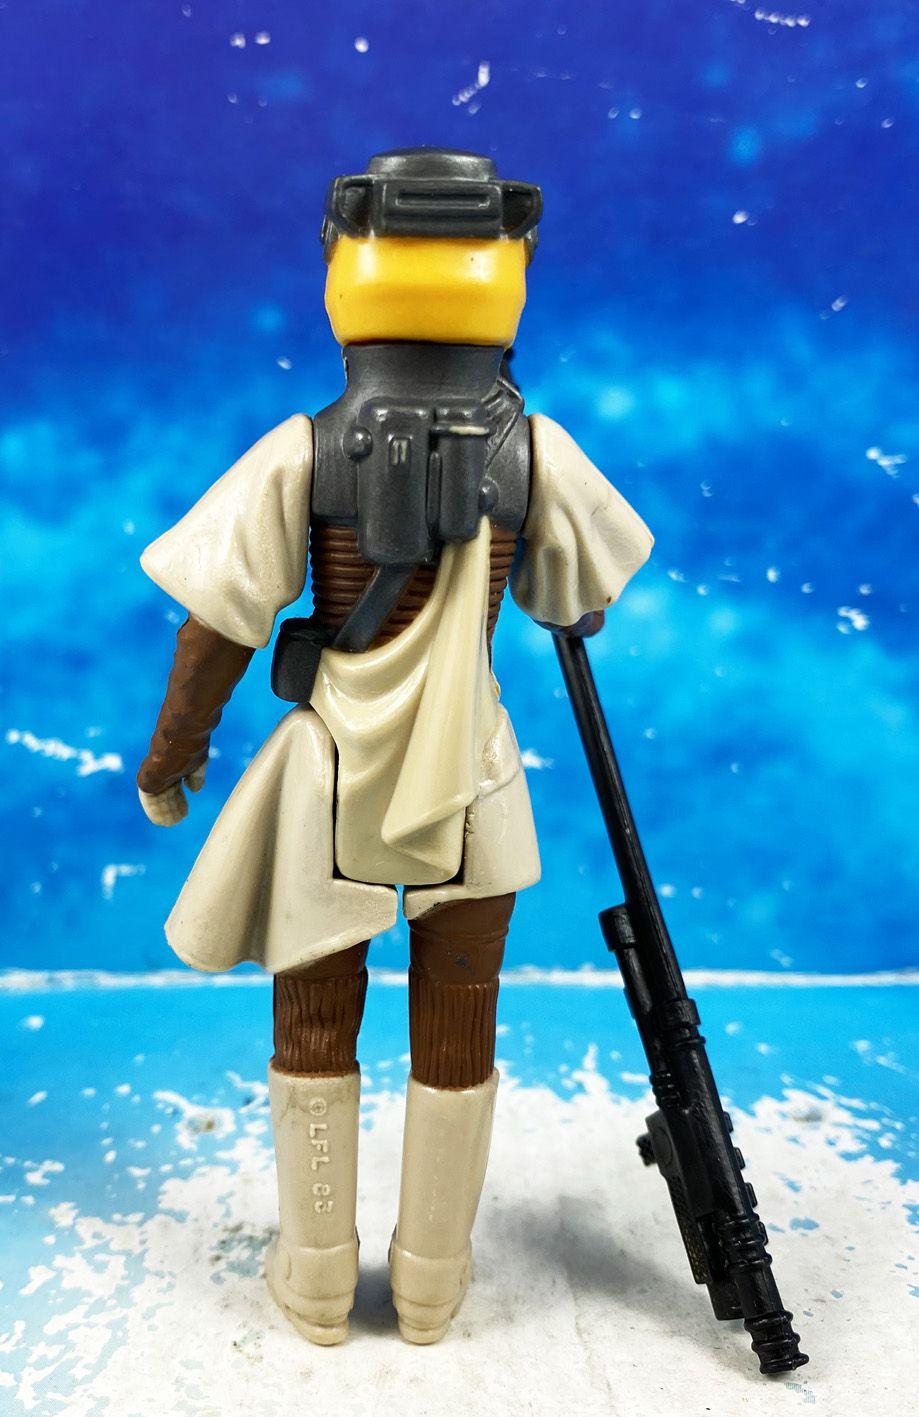 Star Wars (Le Retour du Jedi) - Kenner - Leia Organa en Déguisement Boushh